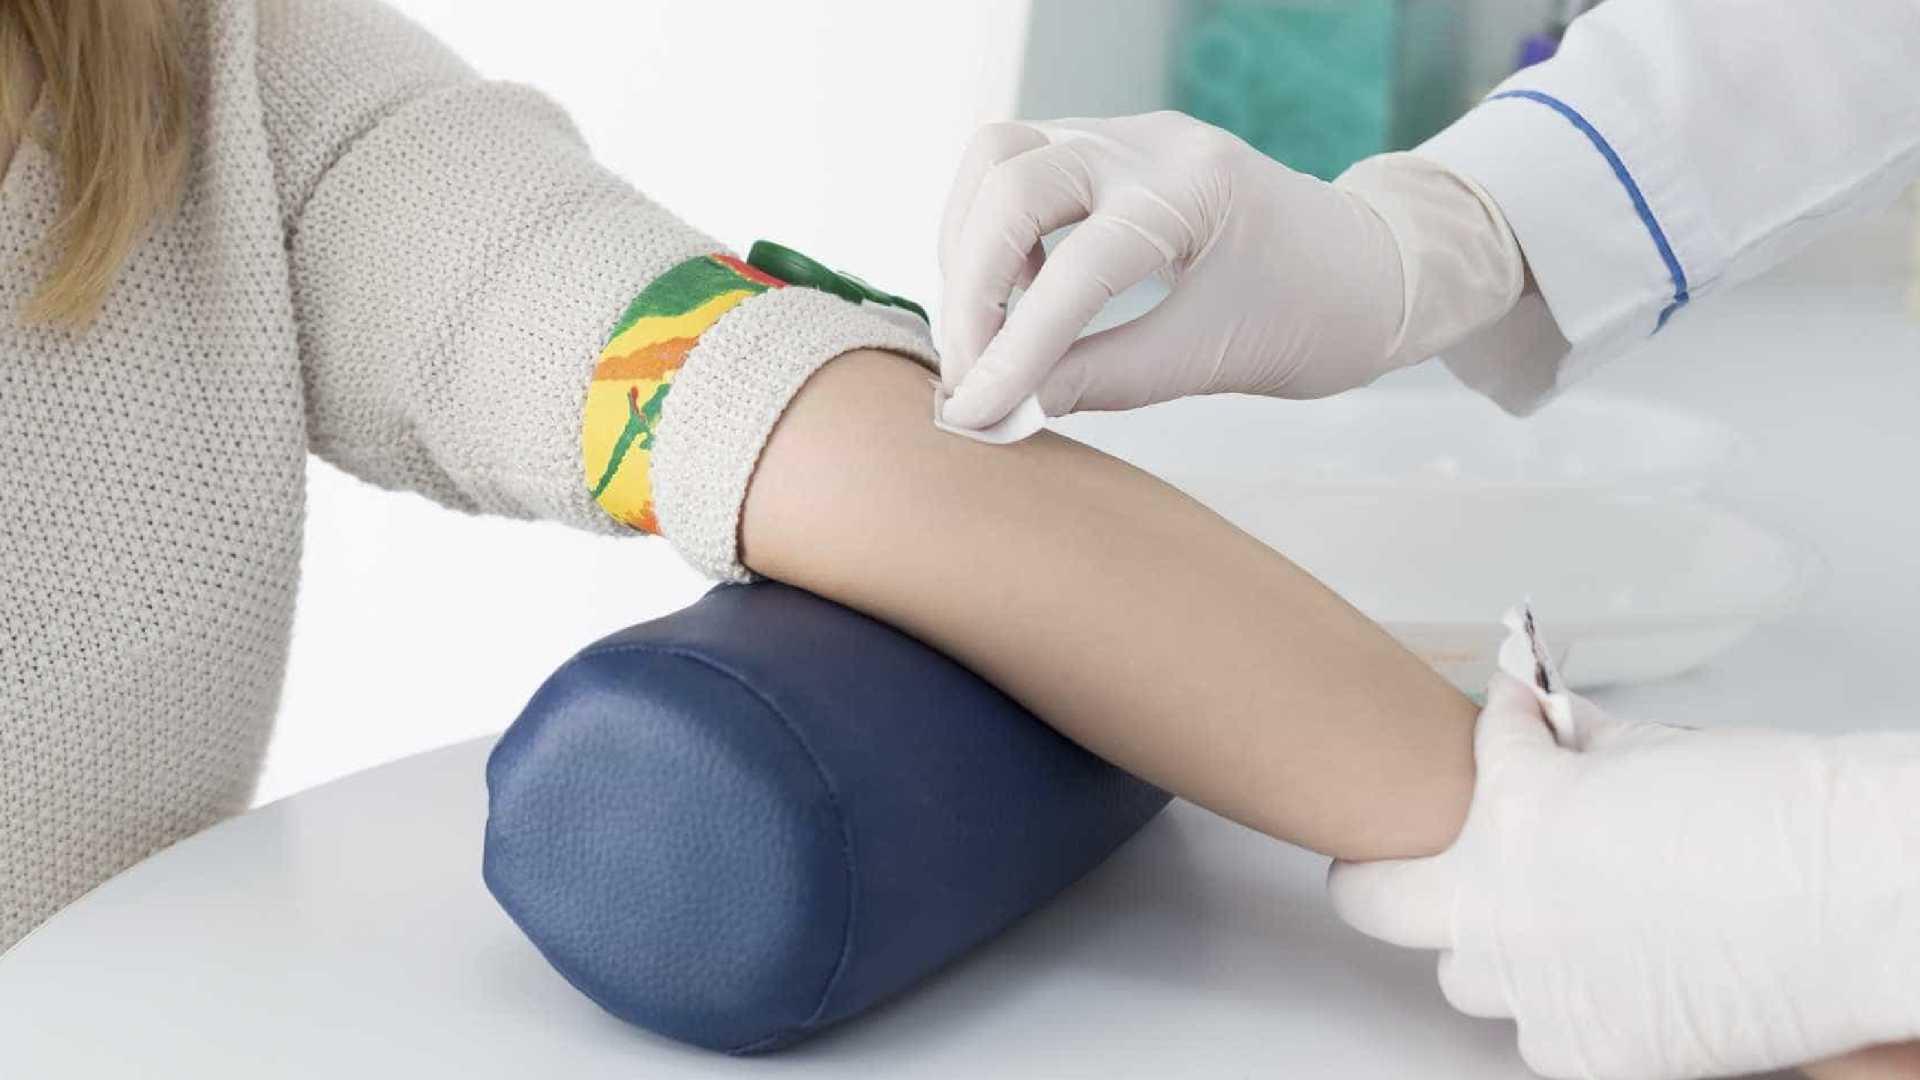 Novo exame de sangue identifica oito tipos de câncer